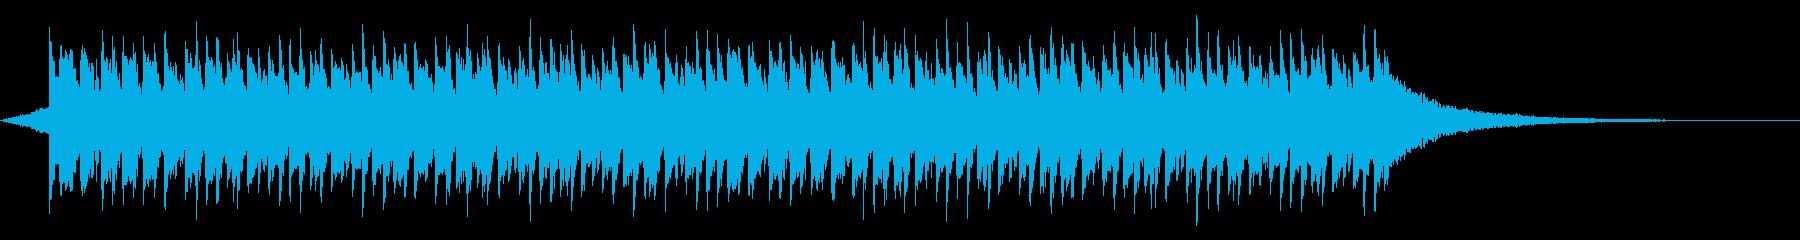 サビのみver エレクトロ 未来 新鮮の再生済みの波形